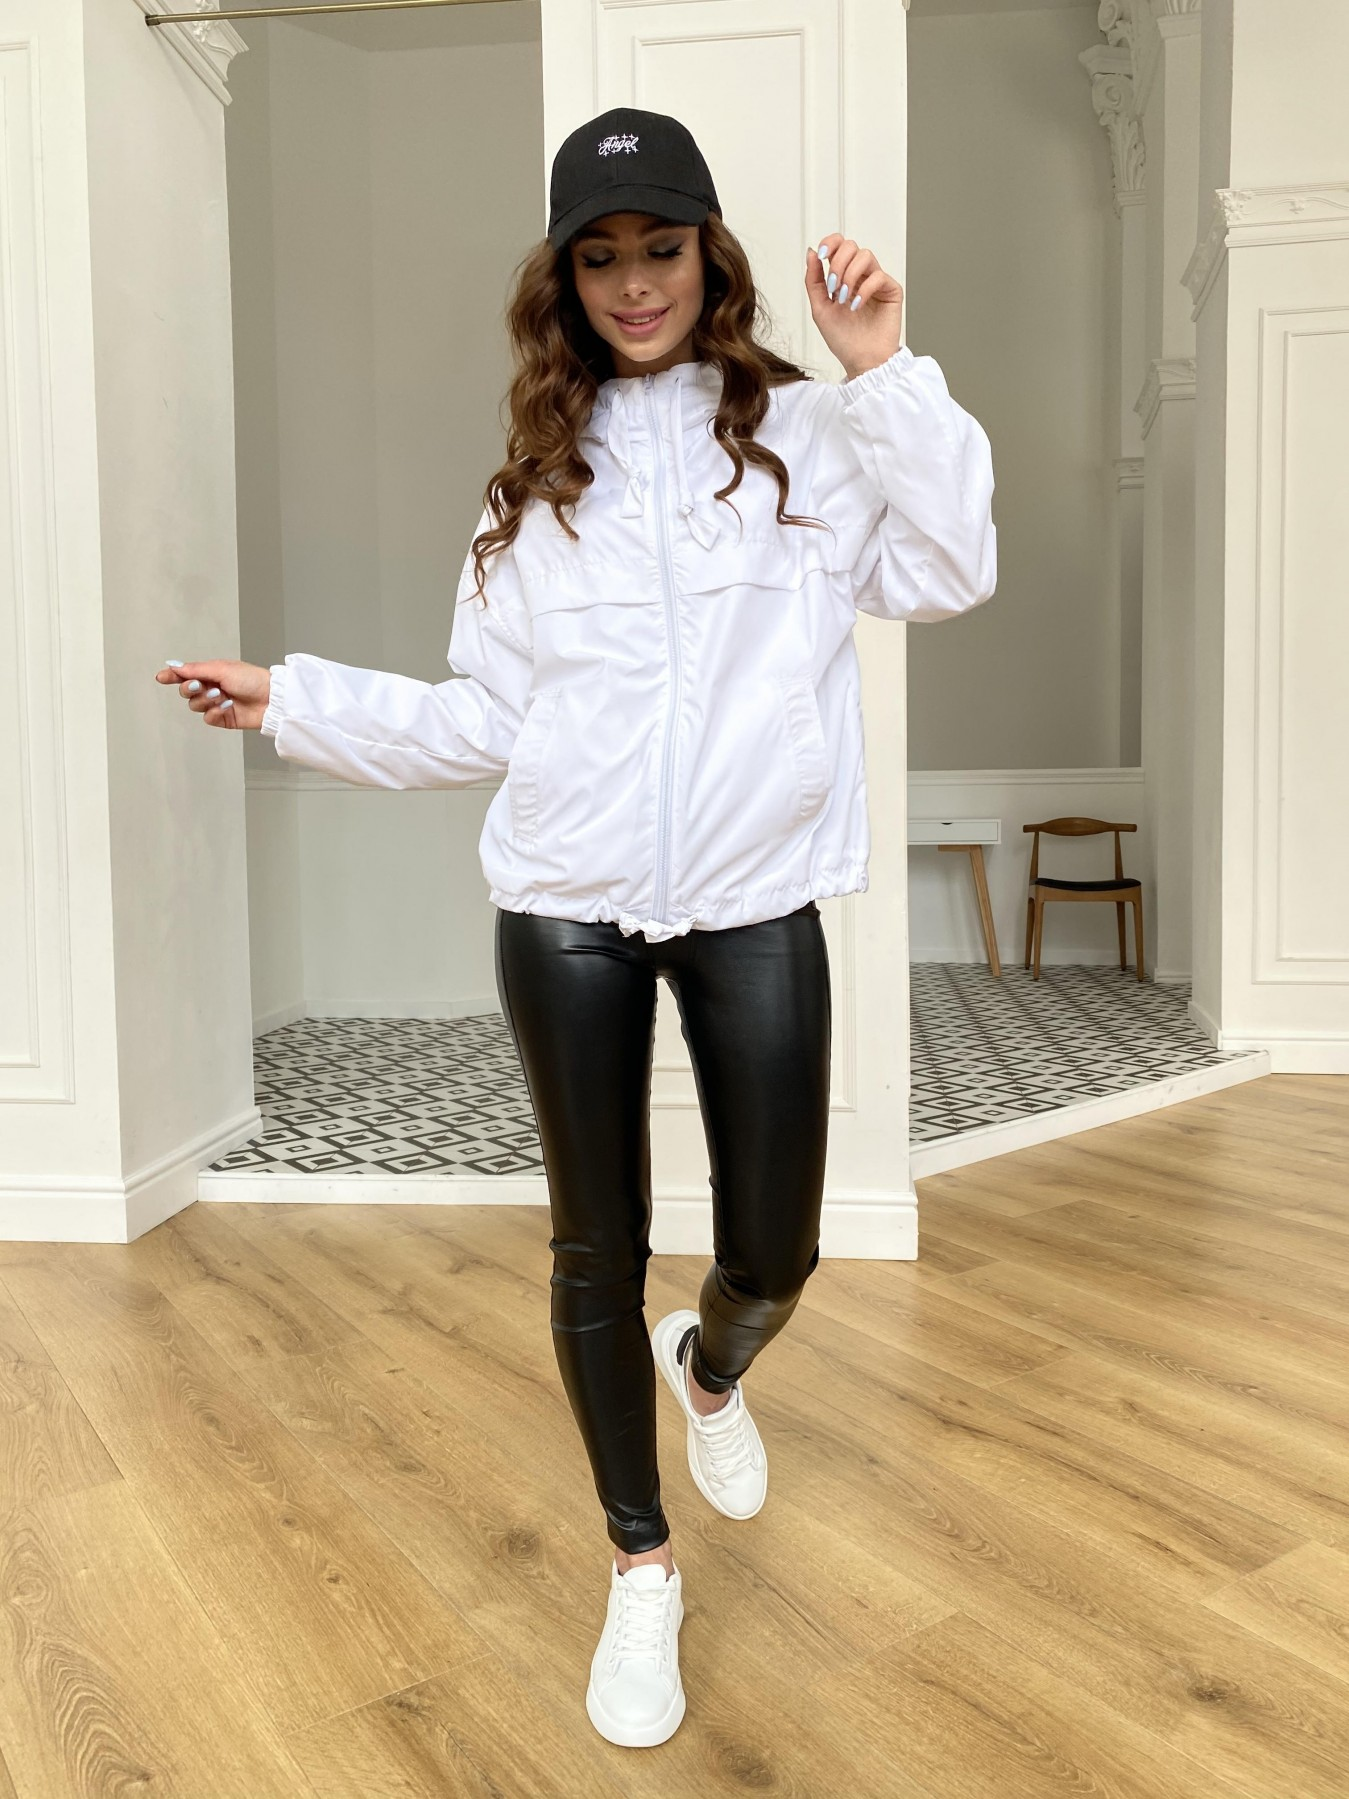 Фит куртка из плащевой ткани Ammy 11013 АРТ. 47646 Цвет: Молоко 12 - фото 13, интернет магазин tm-modus.ru